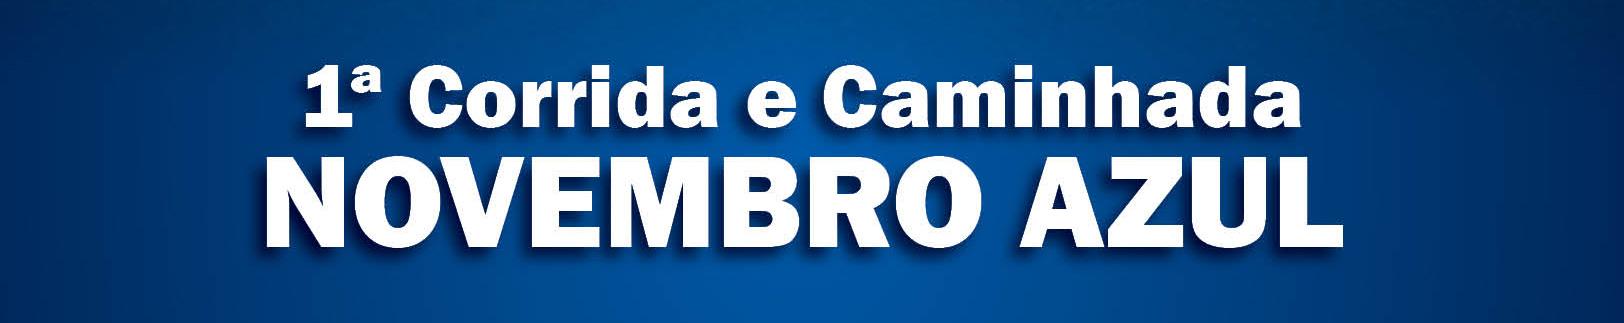 Nome Corrida Novembro Azul - Revista Correr